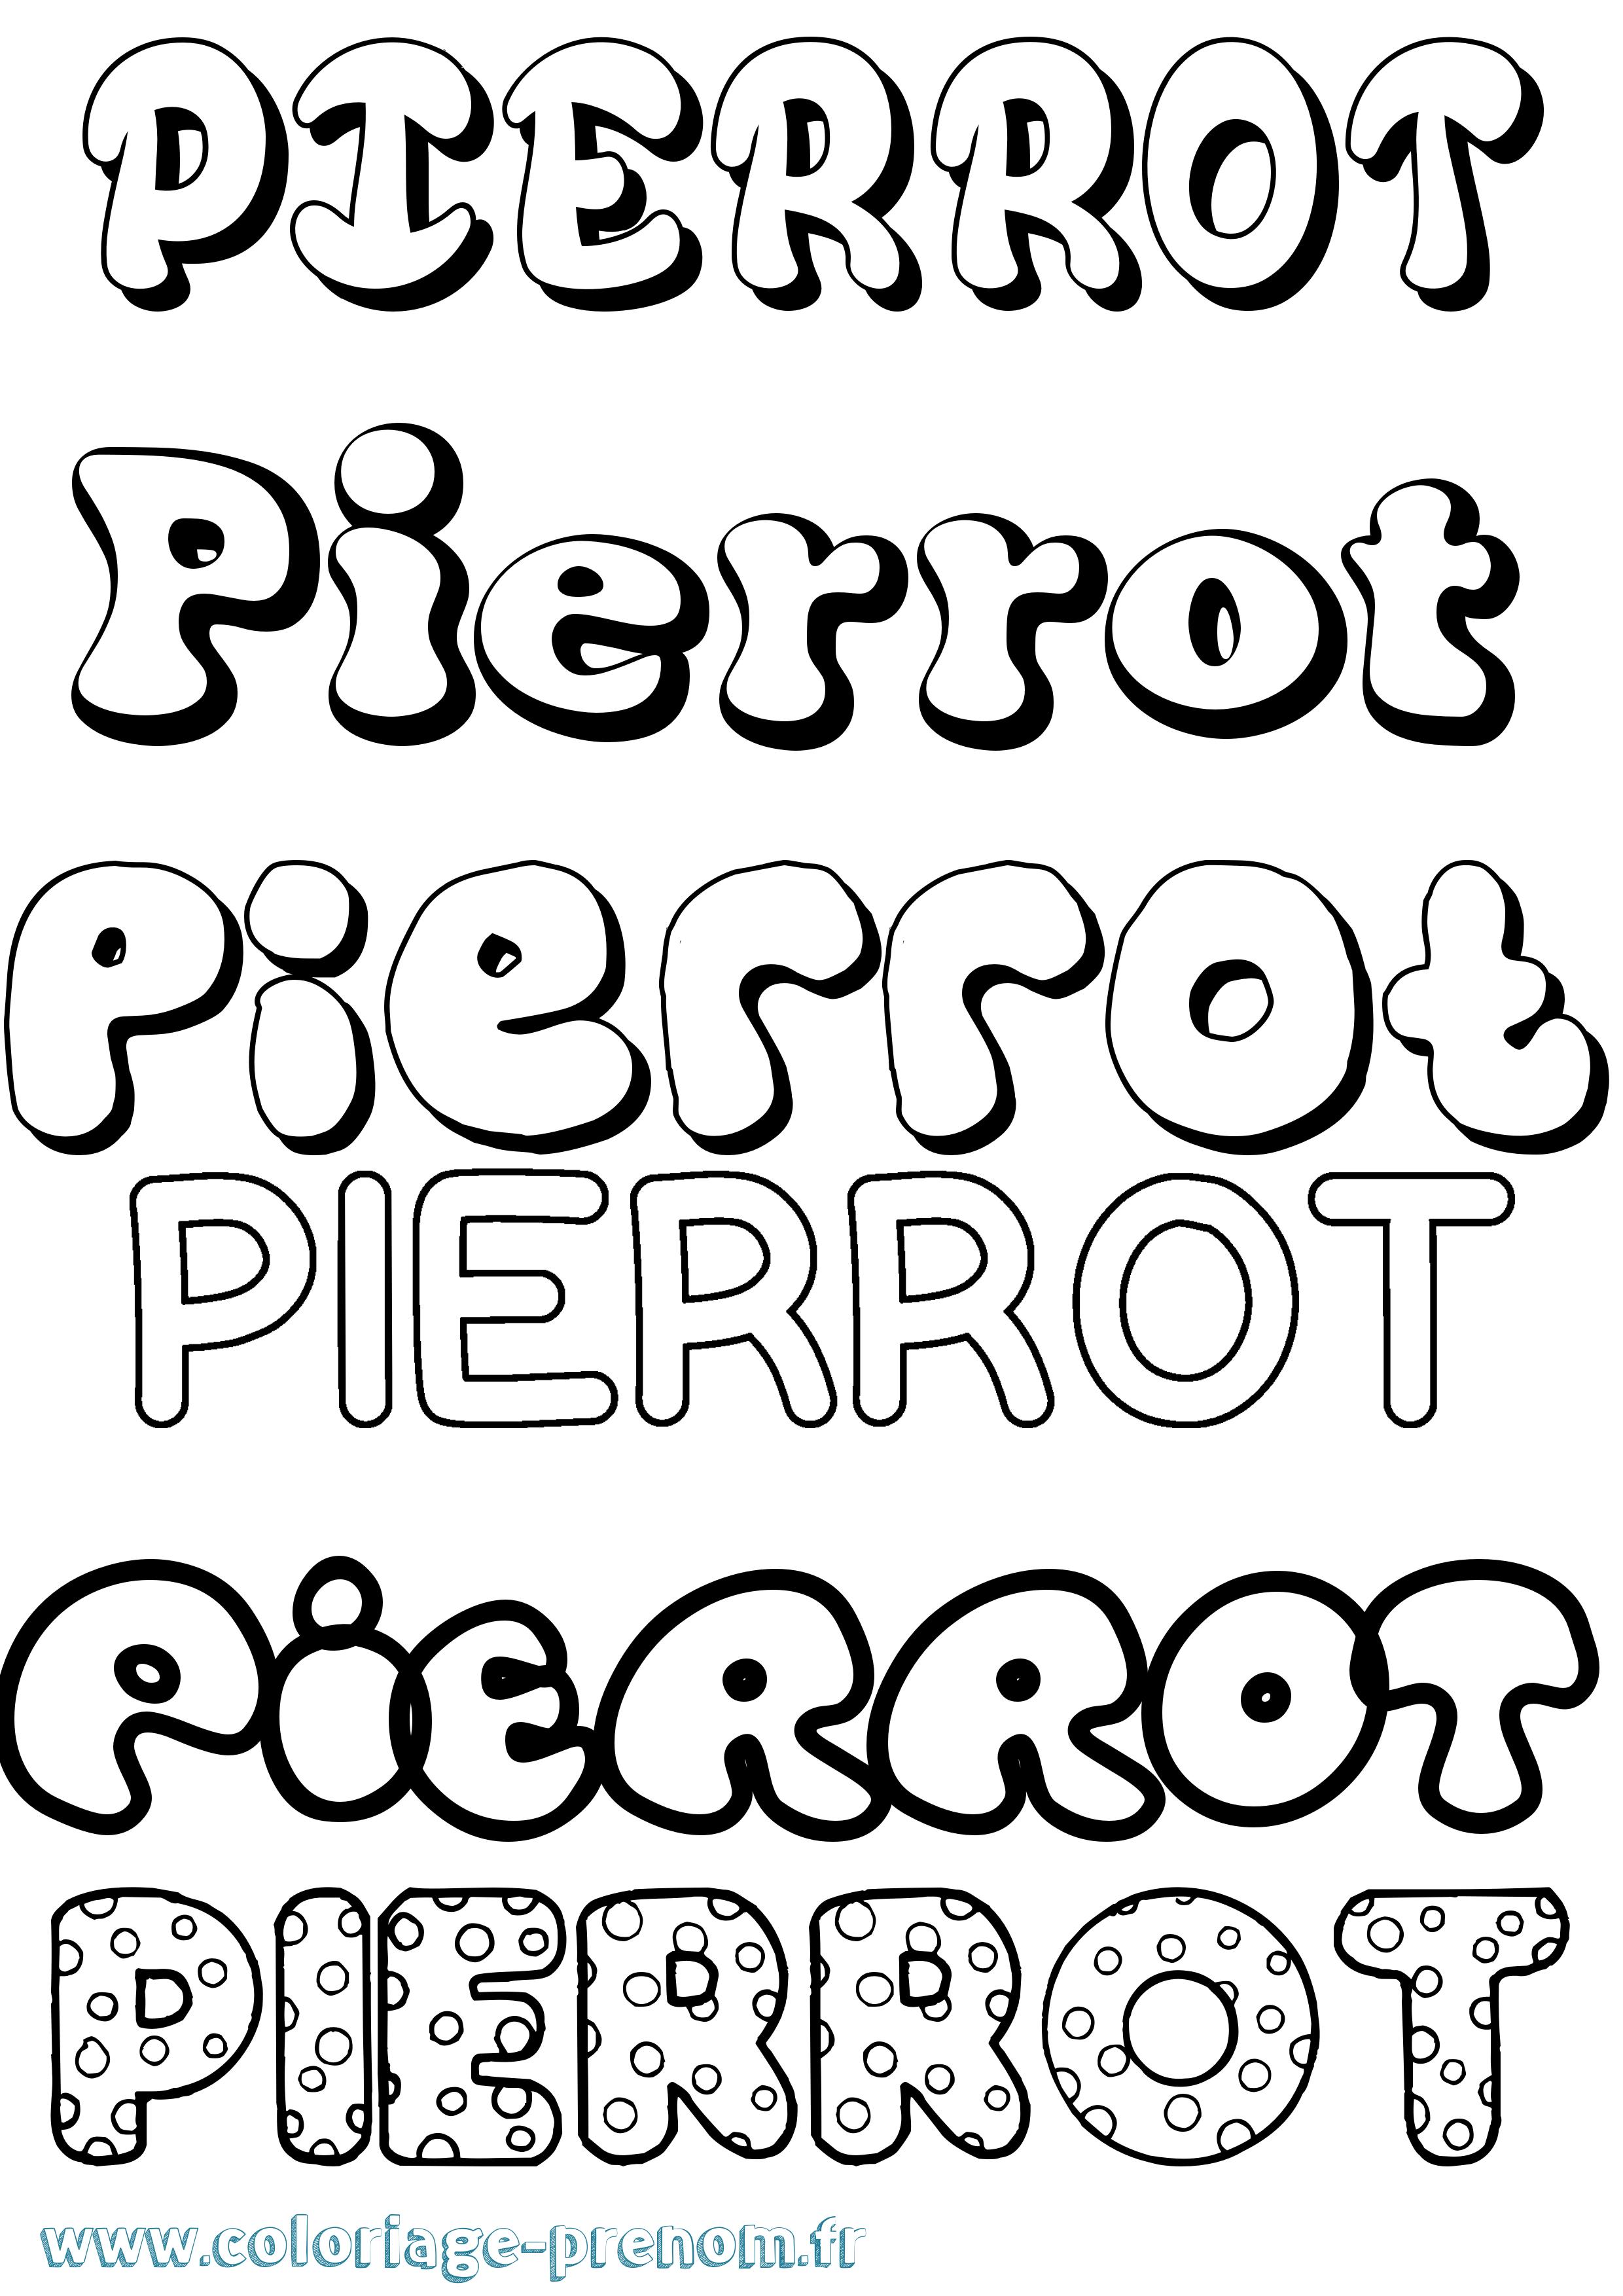 Coloriage du pr nom pierrot imprimer ou t l charger facilement - Coloriage pierrot ...